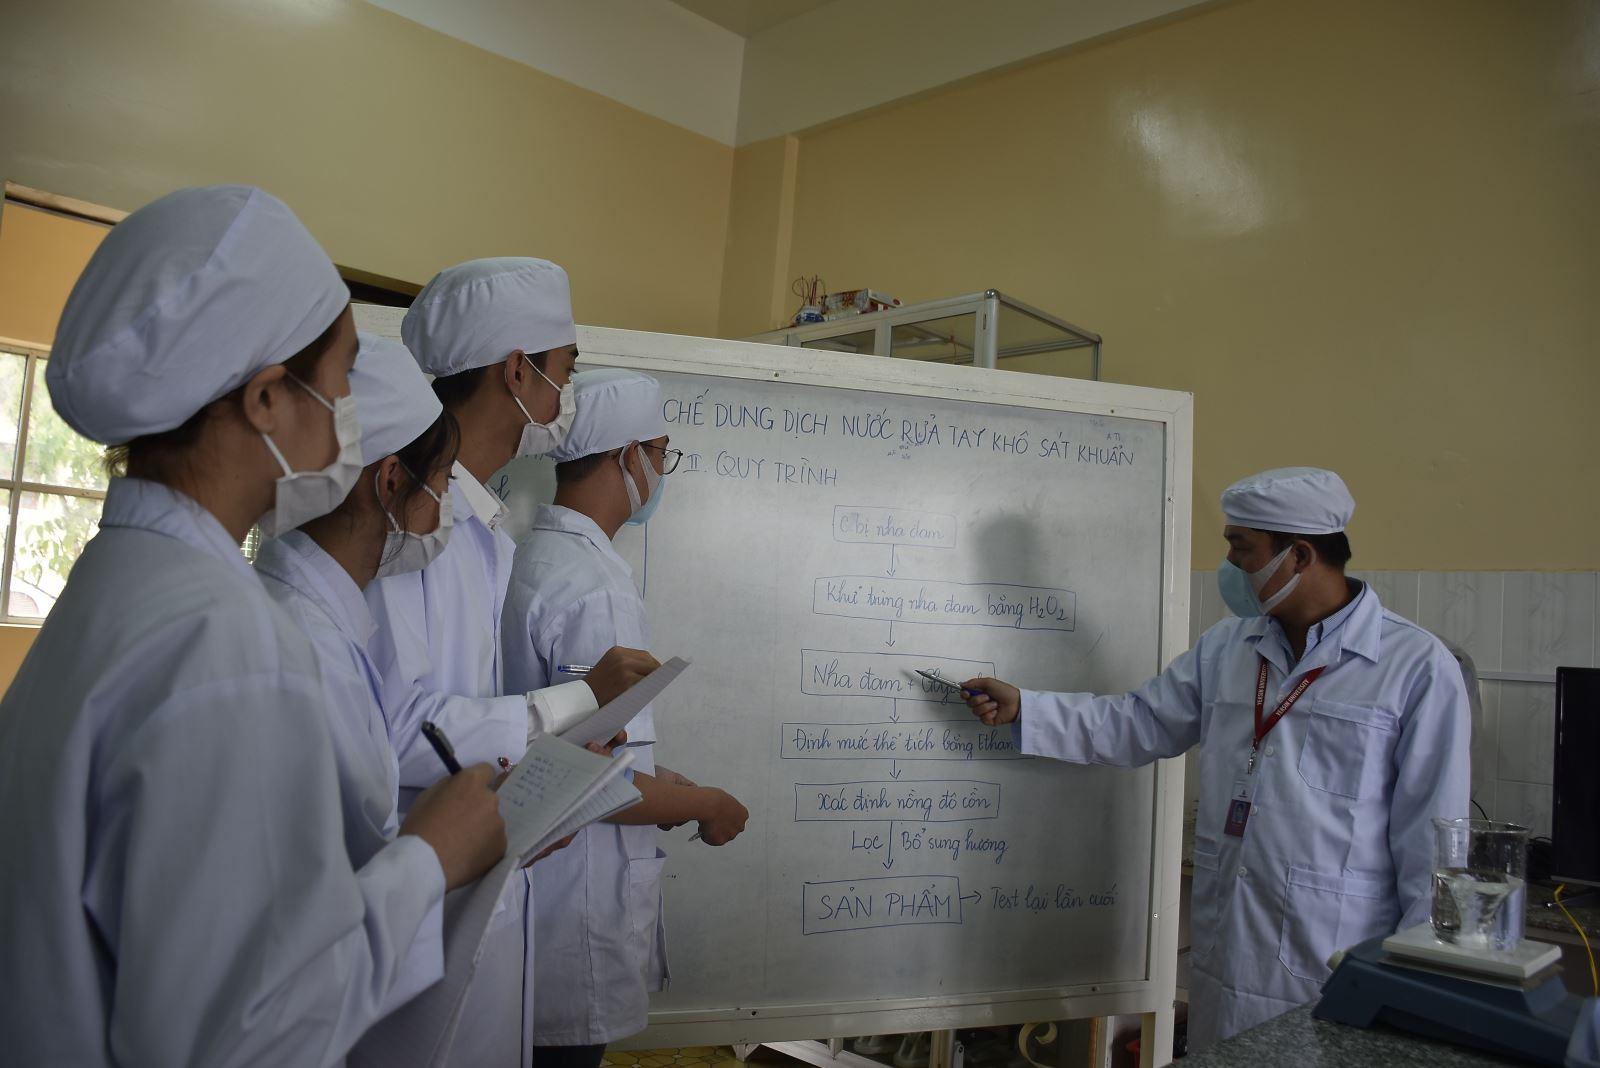 Trường Đại học Yersin Đà Lạt điều chế nước rữa tay khô sát khuẩn